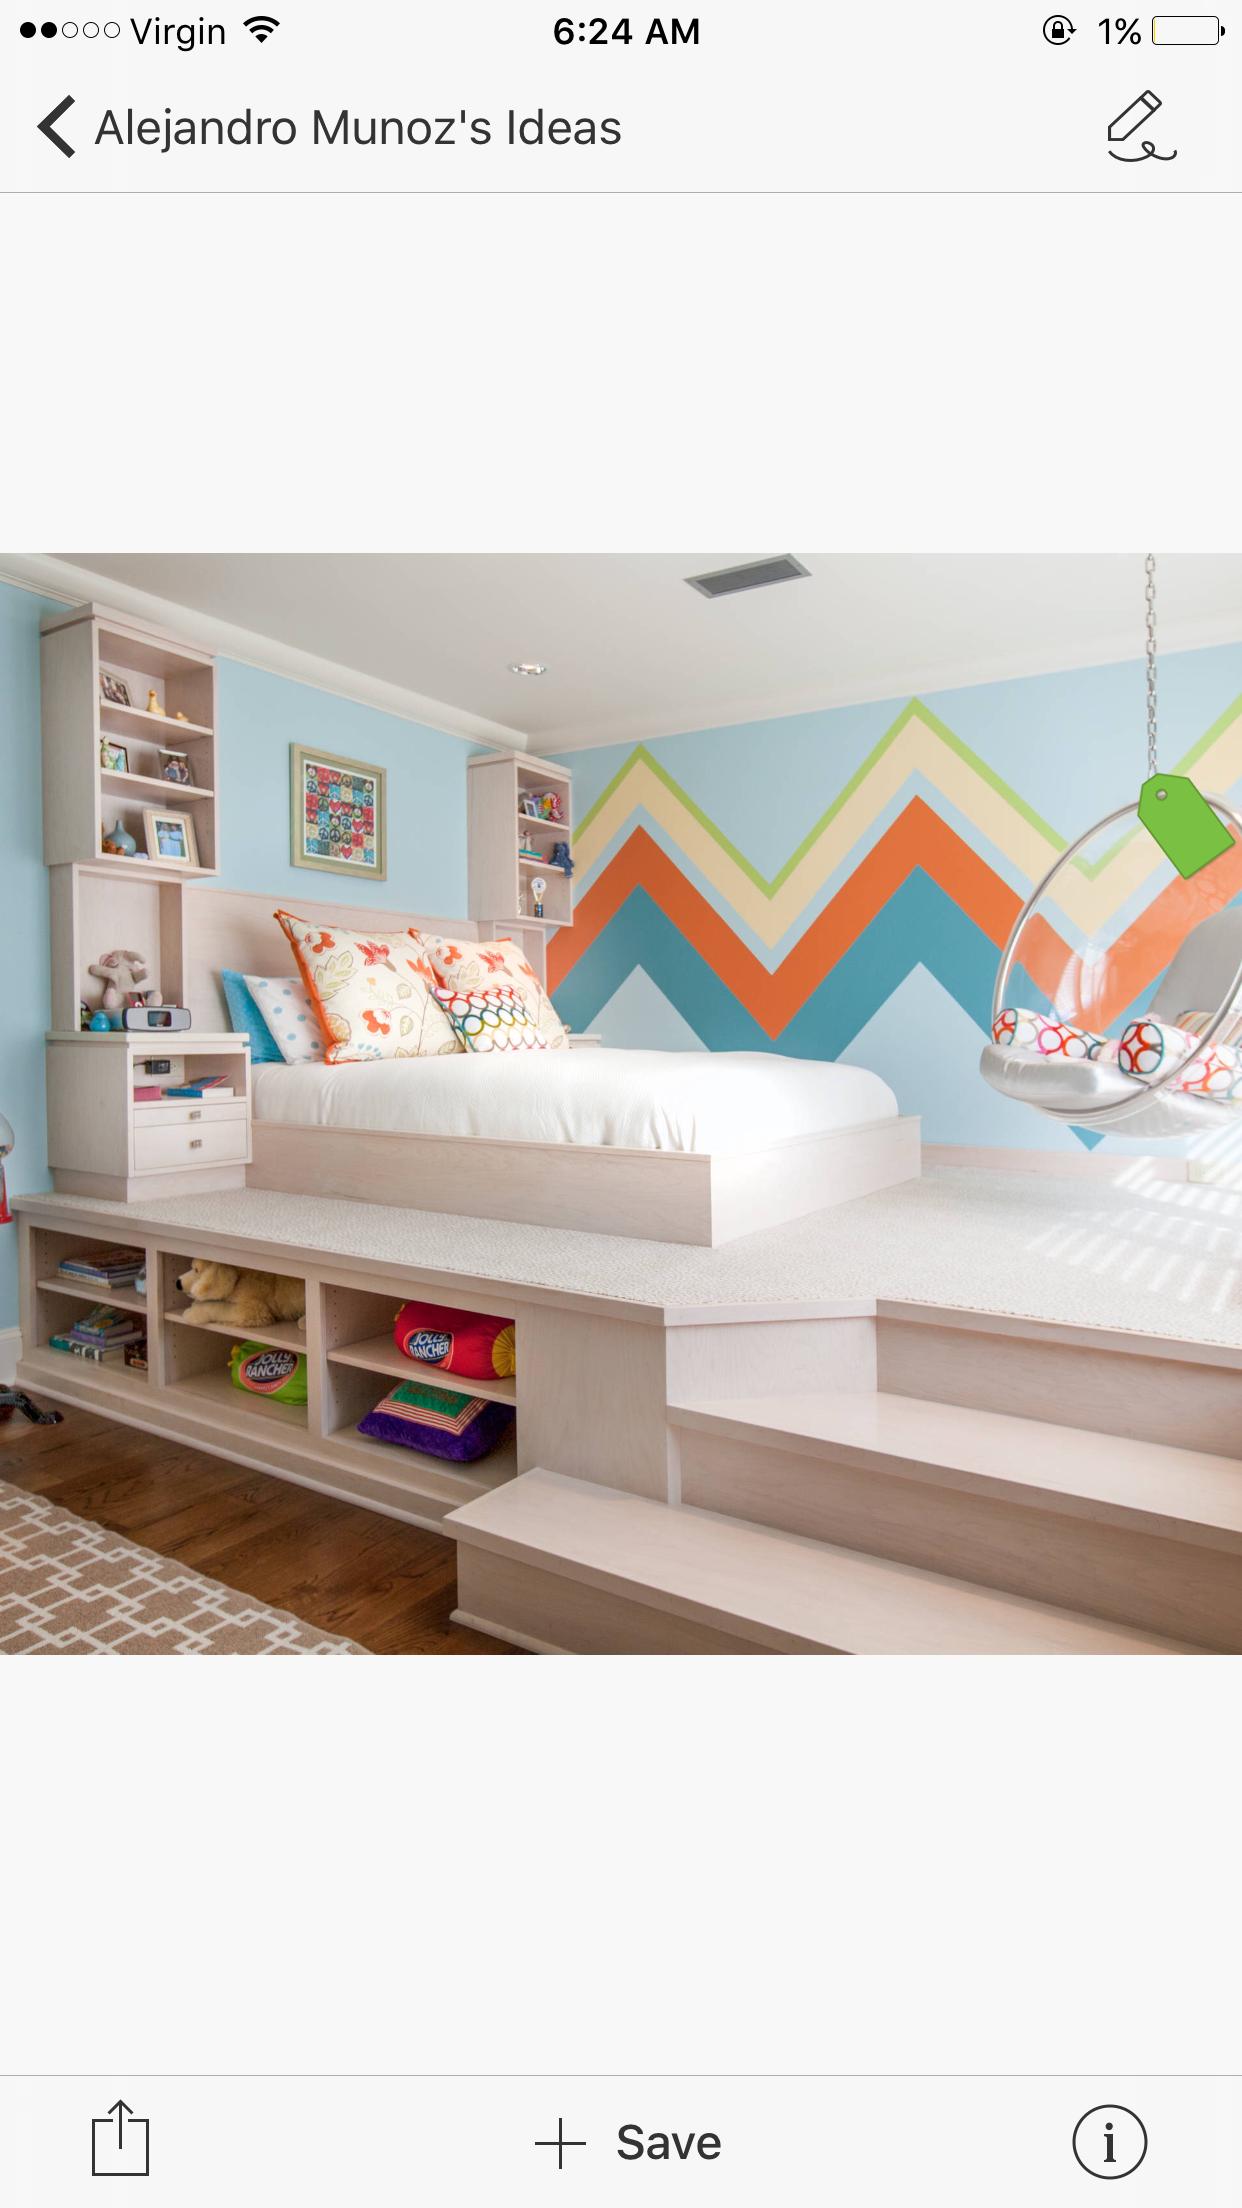 ... Mädchenzimmer (teenager), Kinderschlafzimmer, Schlafzimmerdesign,  Schlafzimmer Ideen, Modernes Mädchenzimmer, Moderne Kinder, Coole Räume